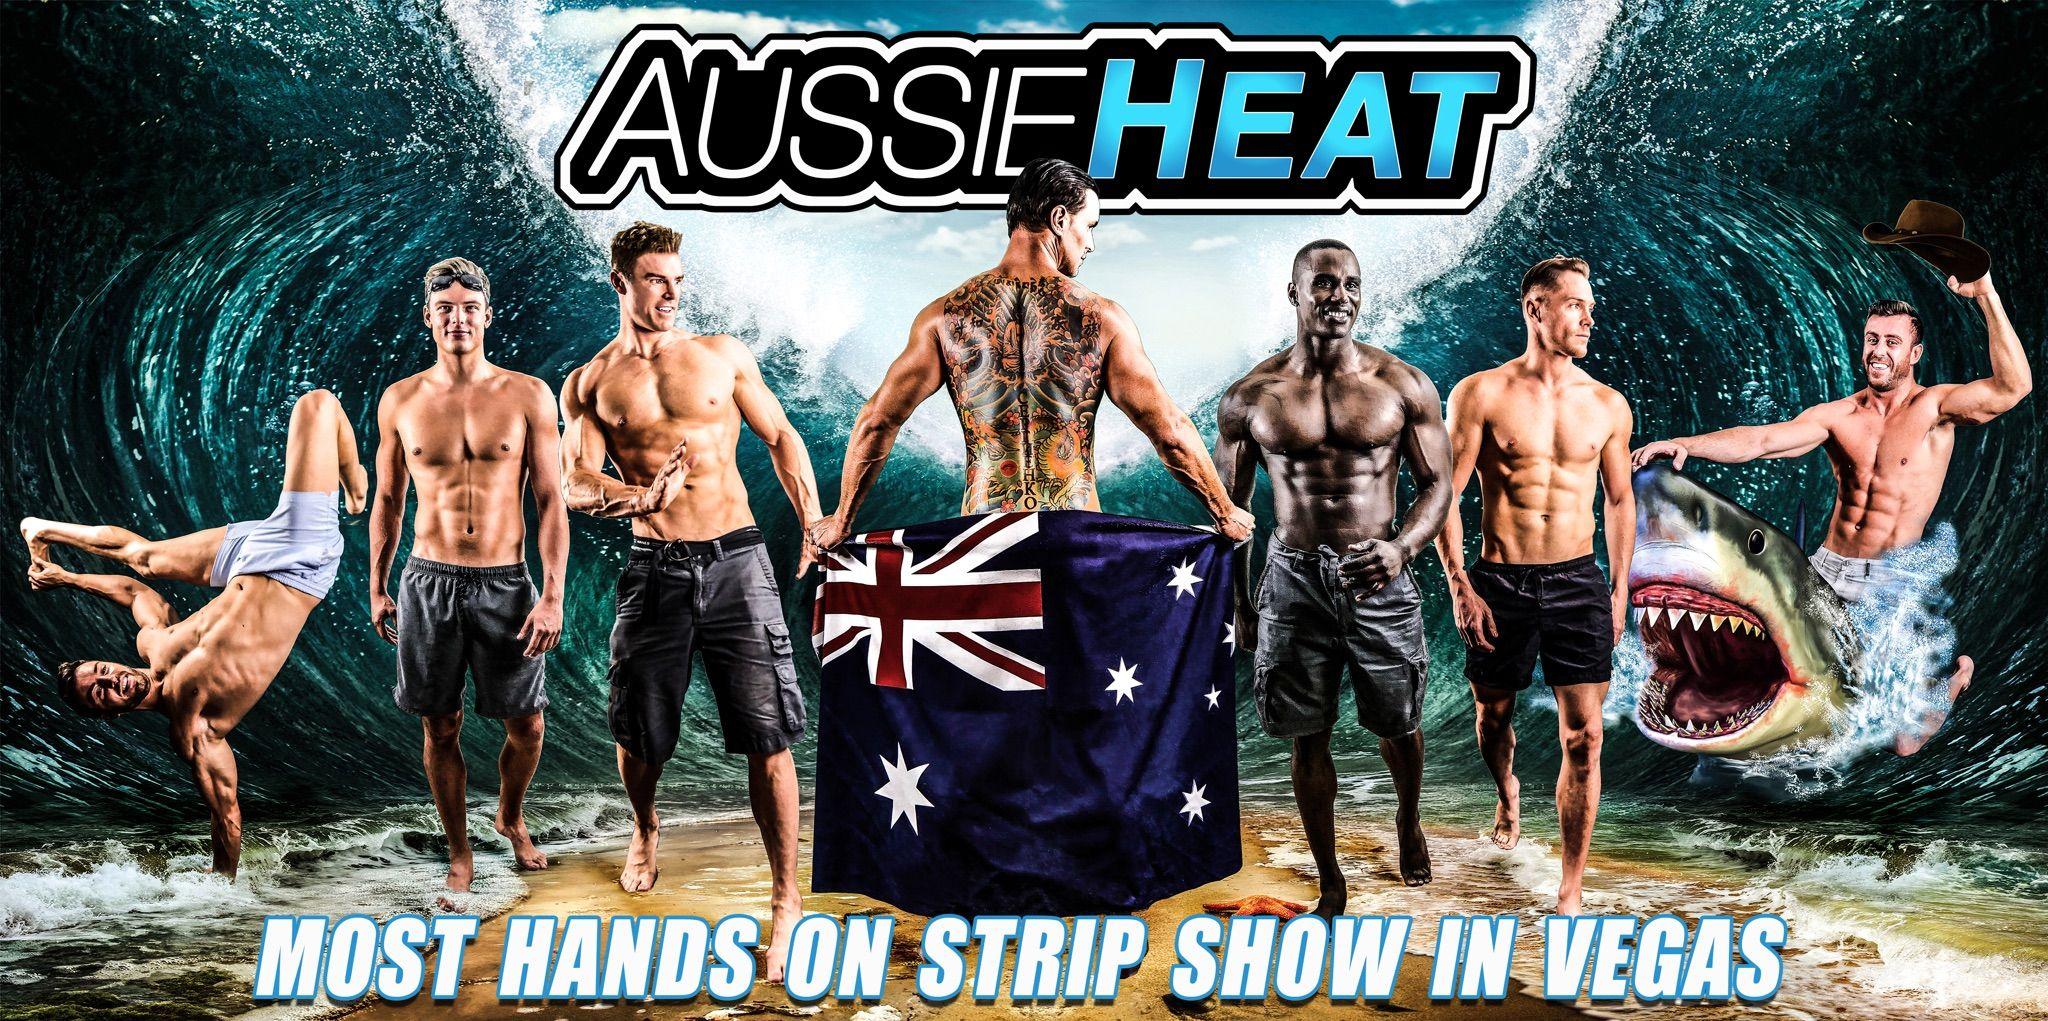 Aussie Heat Las Vegas Discount Tickets